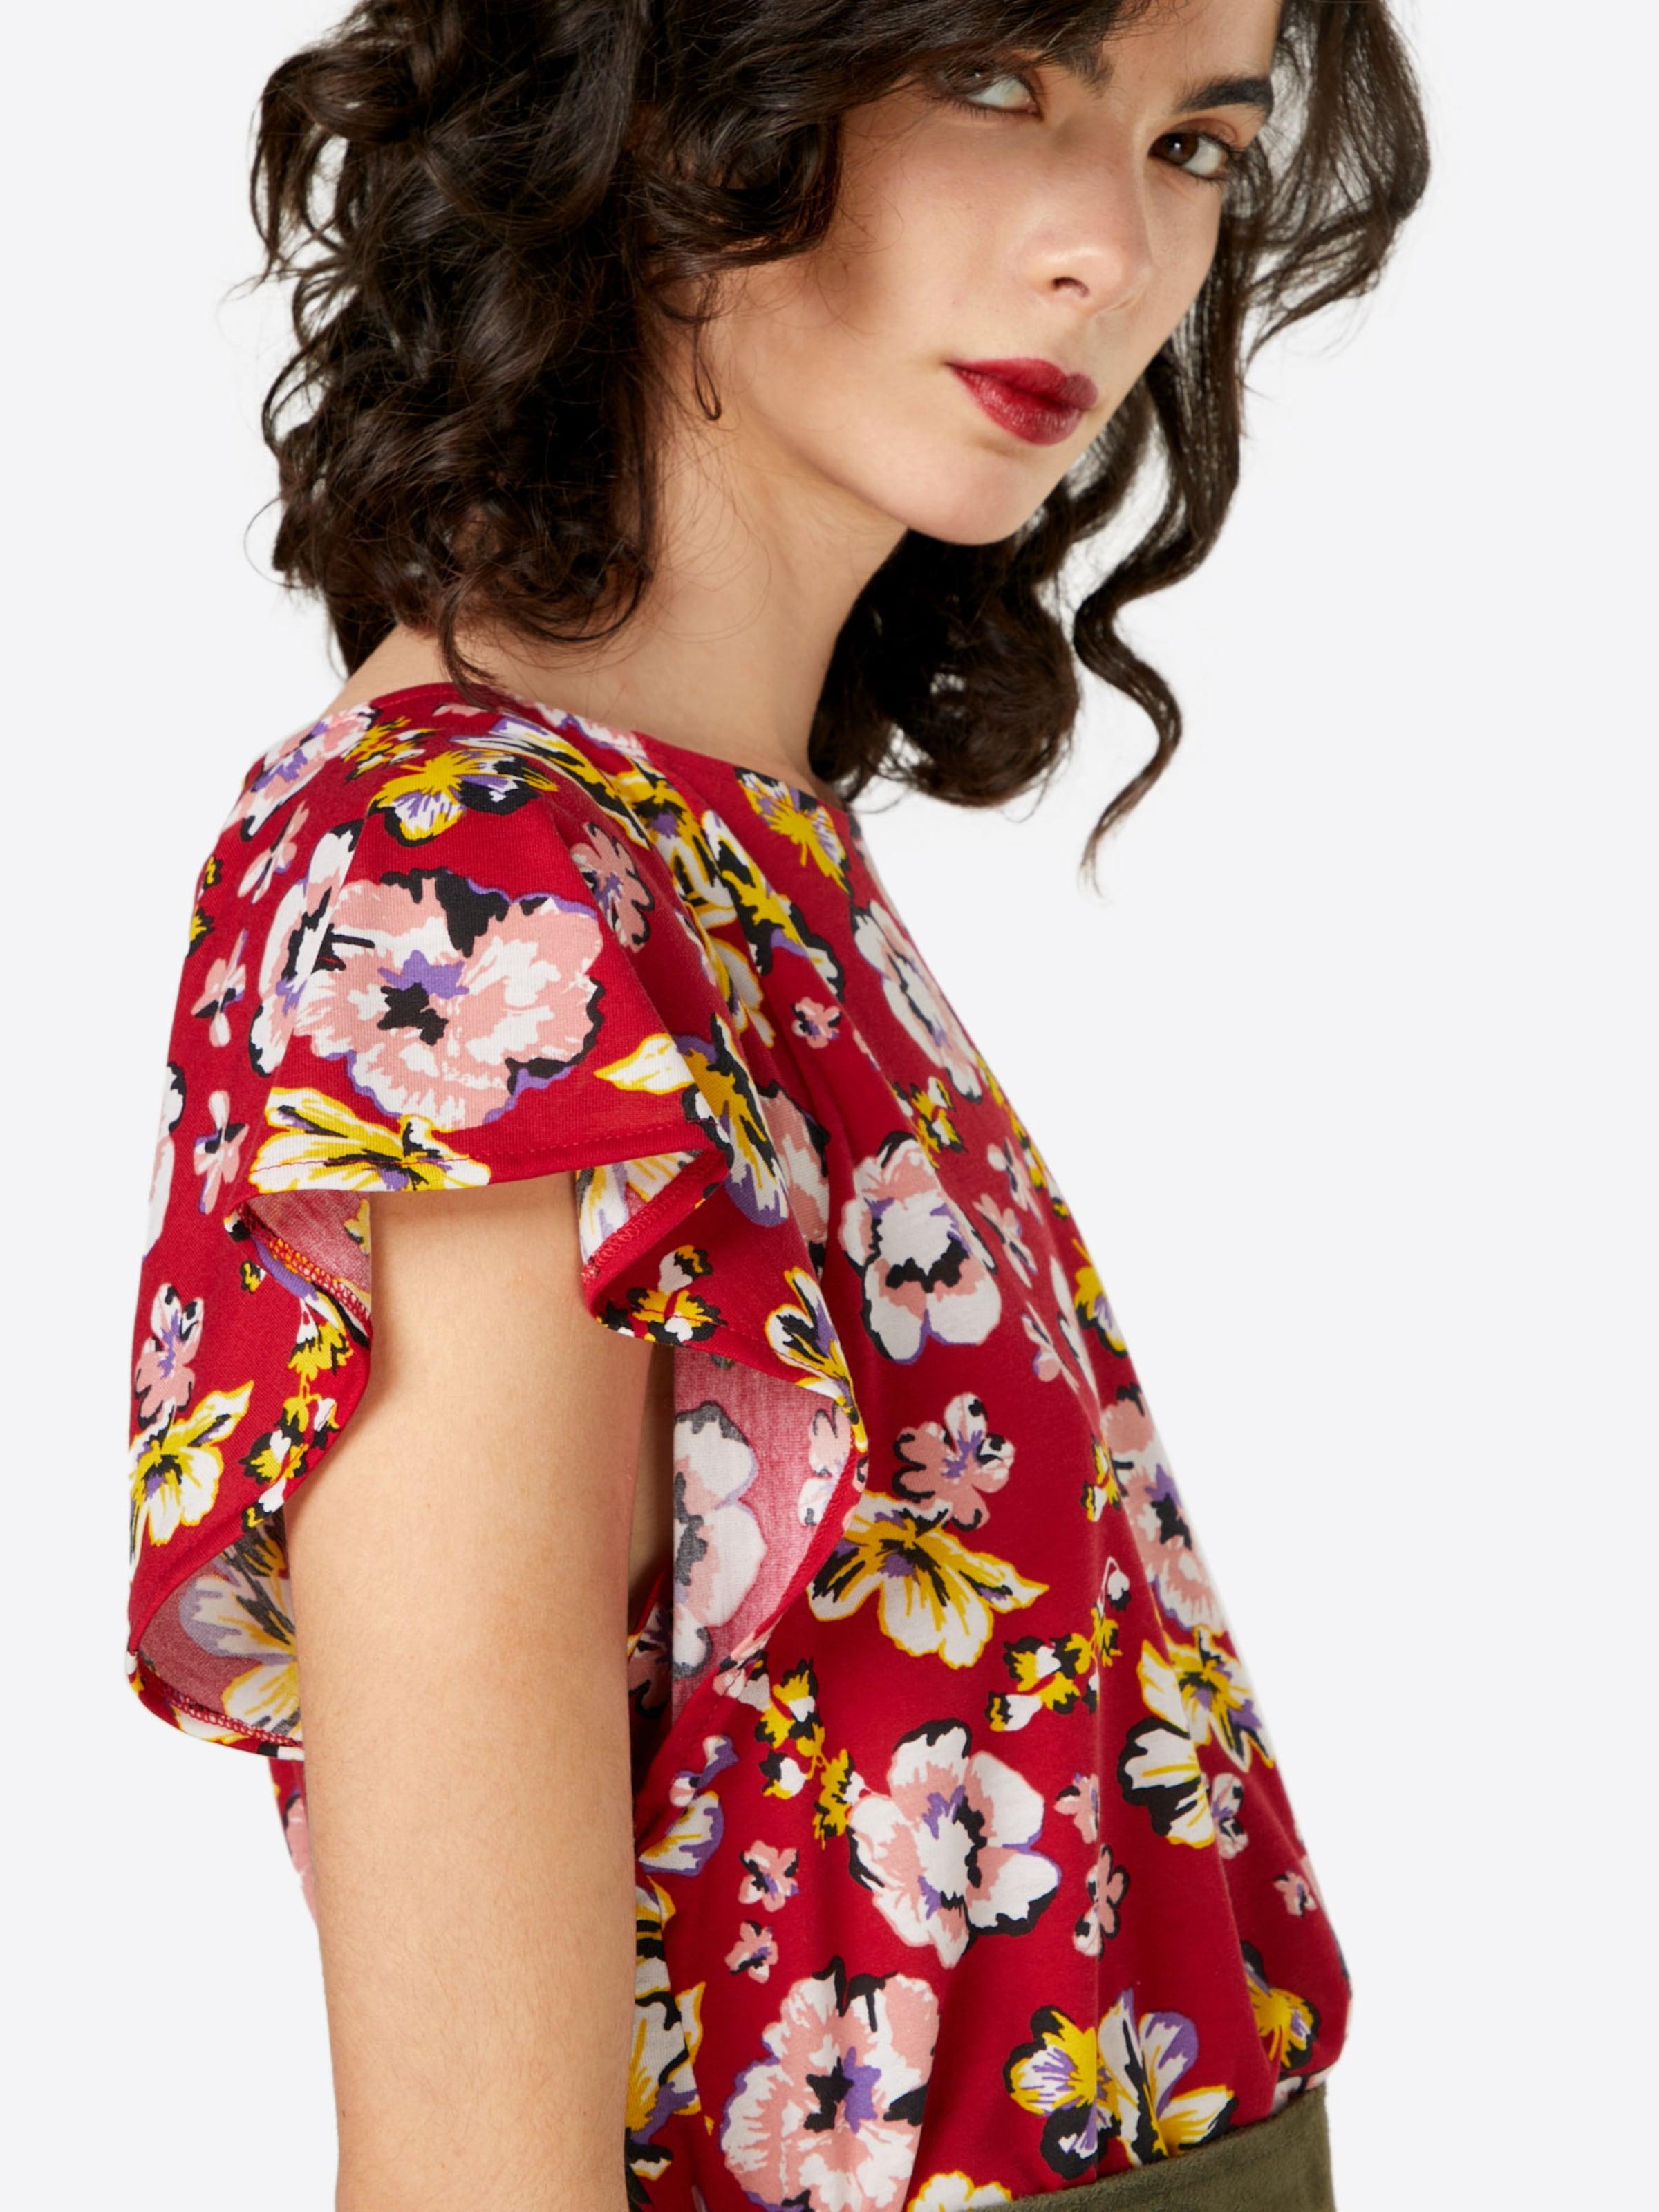 Rabatte Verkauf Online mint & berry Shirt Am Billigsten Exklusiv Günstig Online eCLHZ2o6t